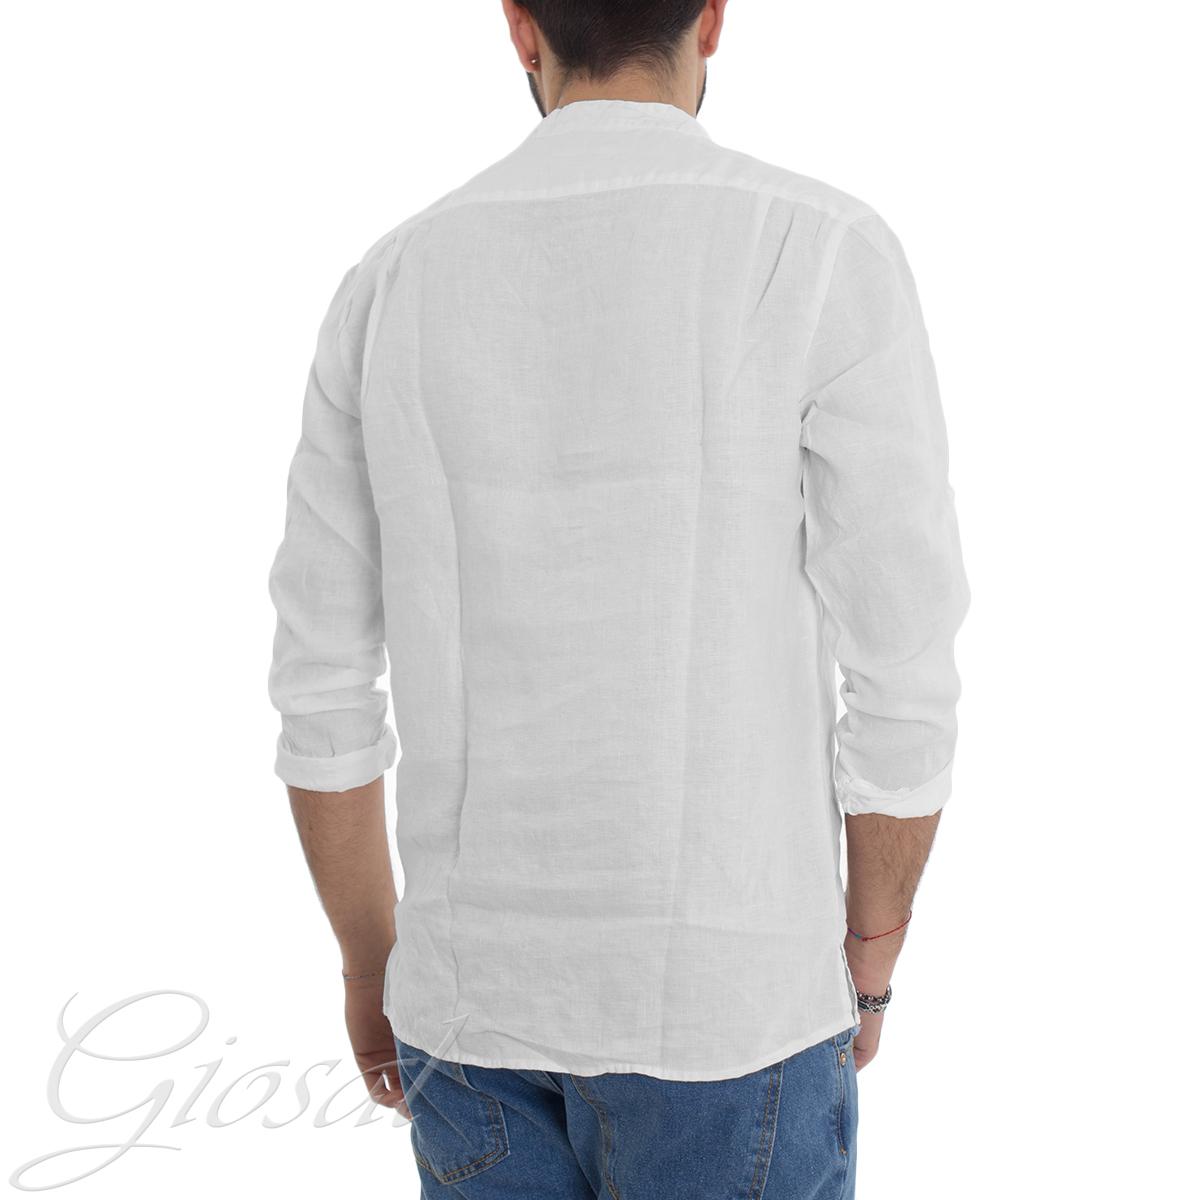 Camicia-Uomo-Puro-Lino-Collo-Coreano-Tinta-Unita-Bianca-Manica-Lunga-Casual-G miniatura 4